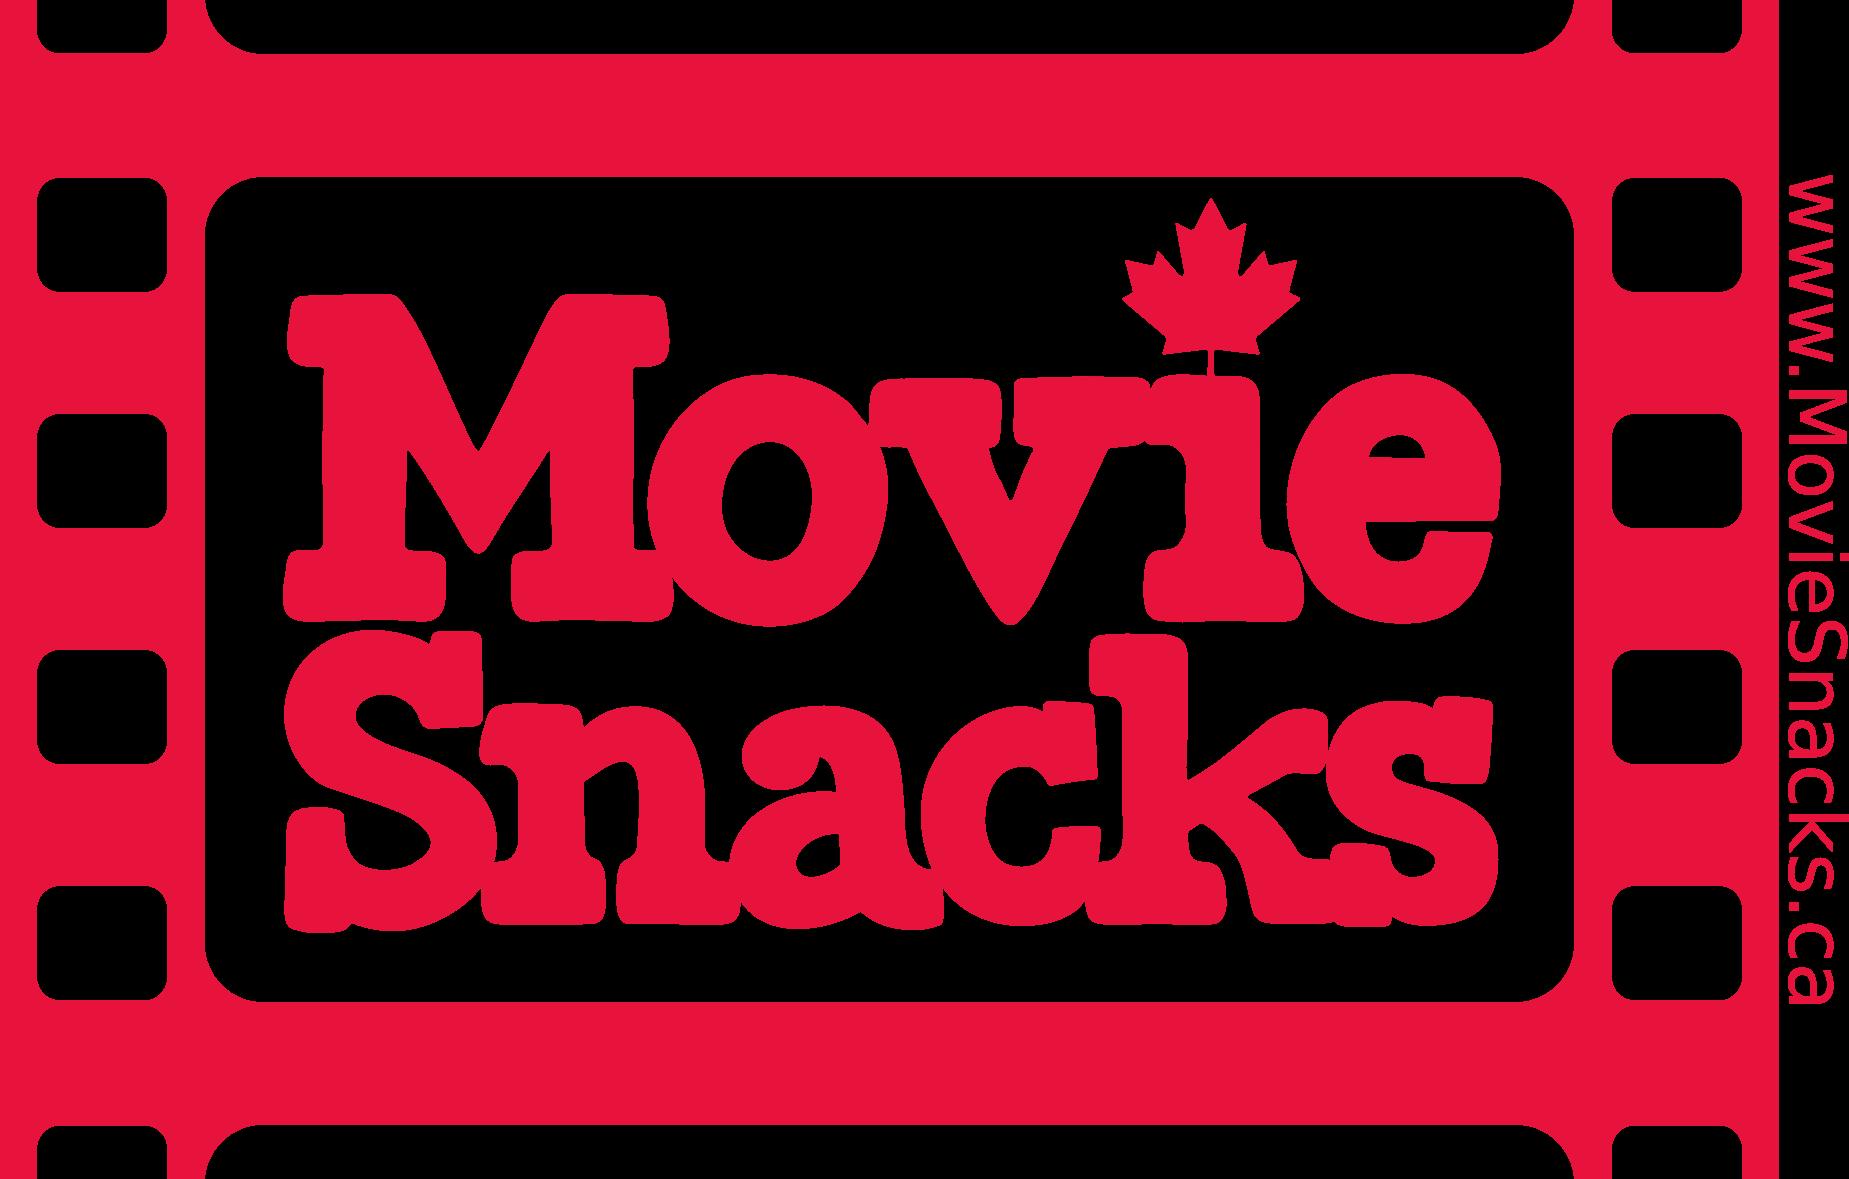 MovieSnacks